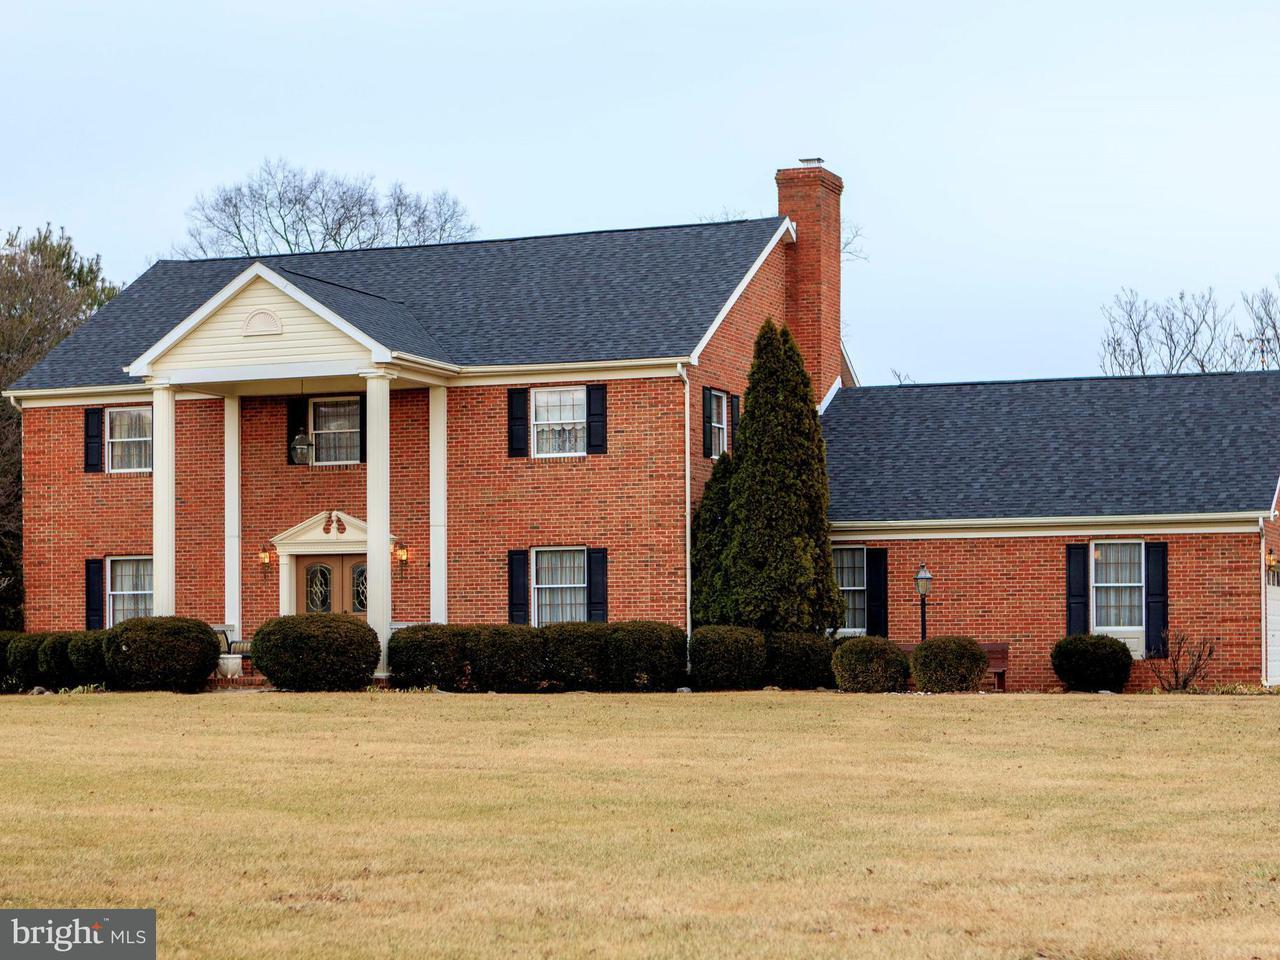 独户住宅 为 销售 在 794 Horizon Way 794 Horizon Way Martinsburg, 西弗吉尼亚州 25403 美国